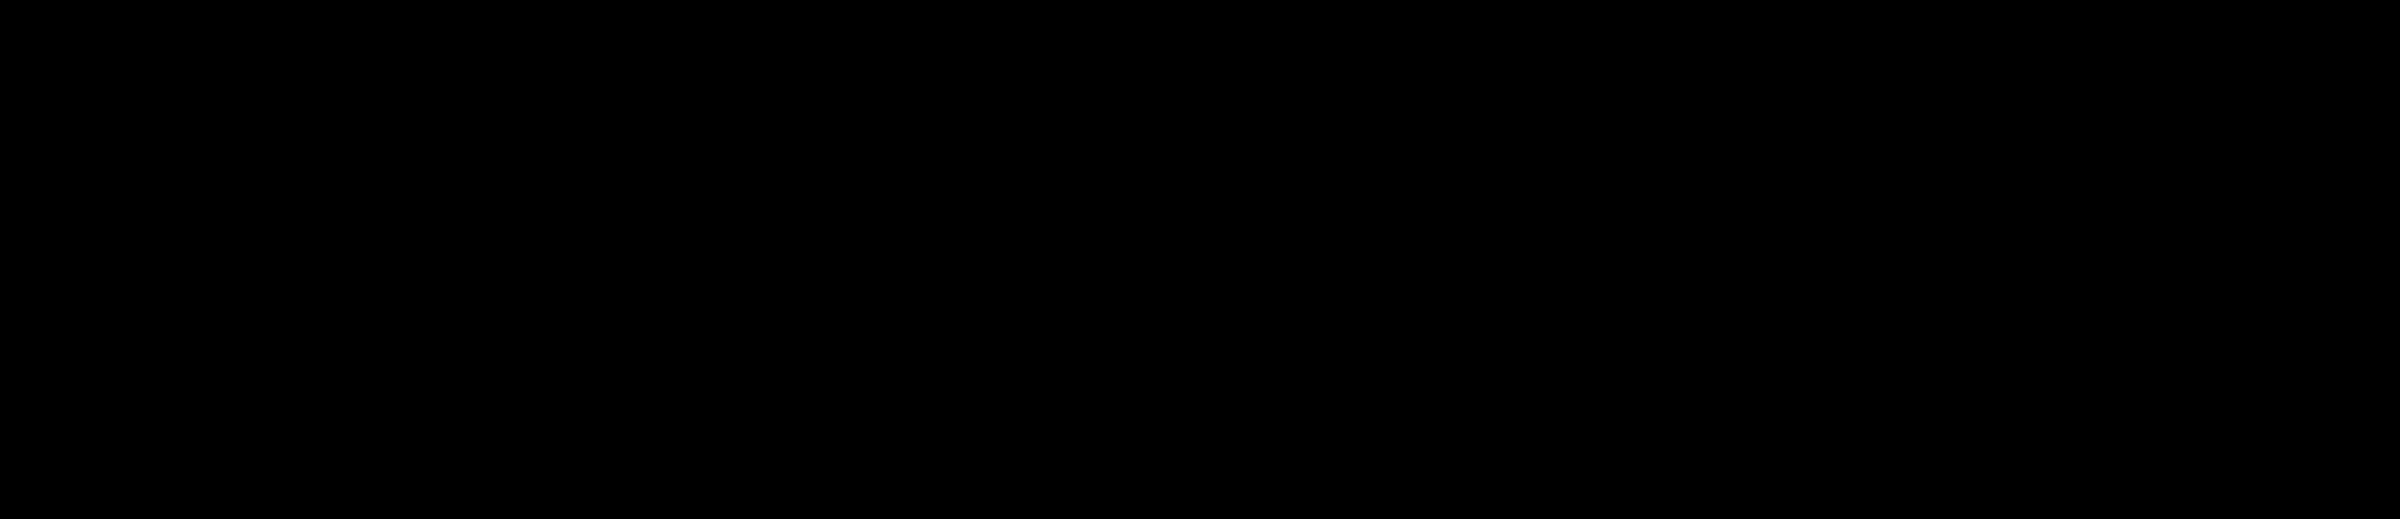 nickelodeon-logo-black-and-white